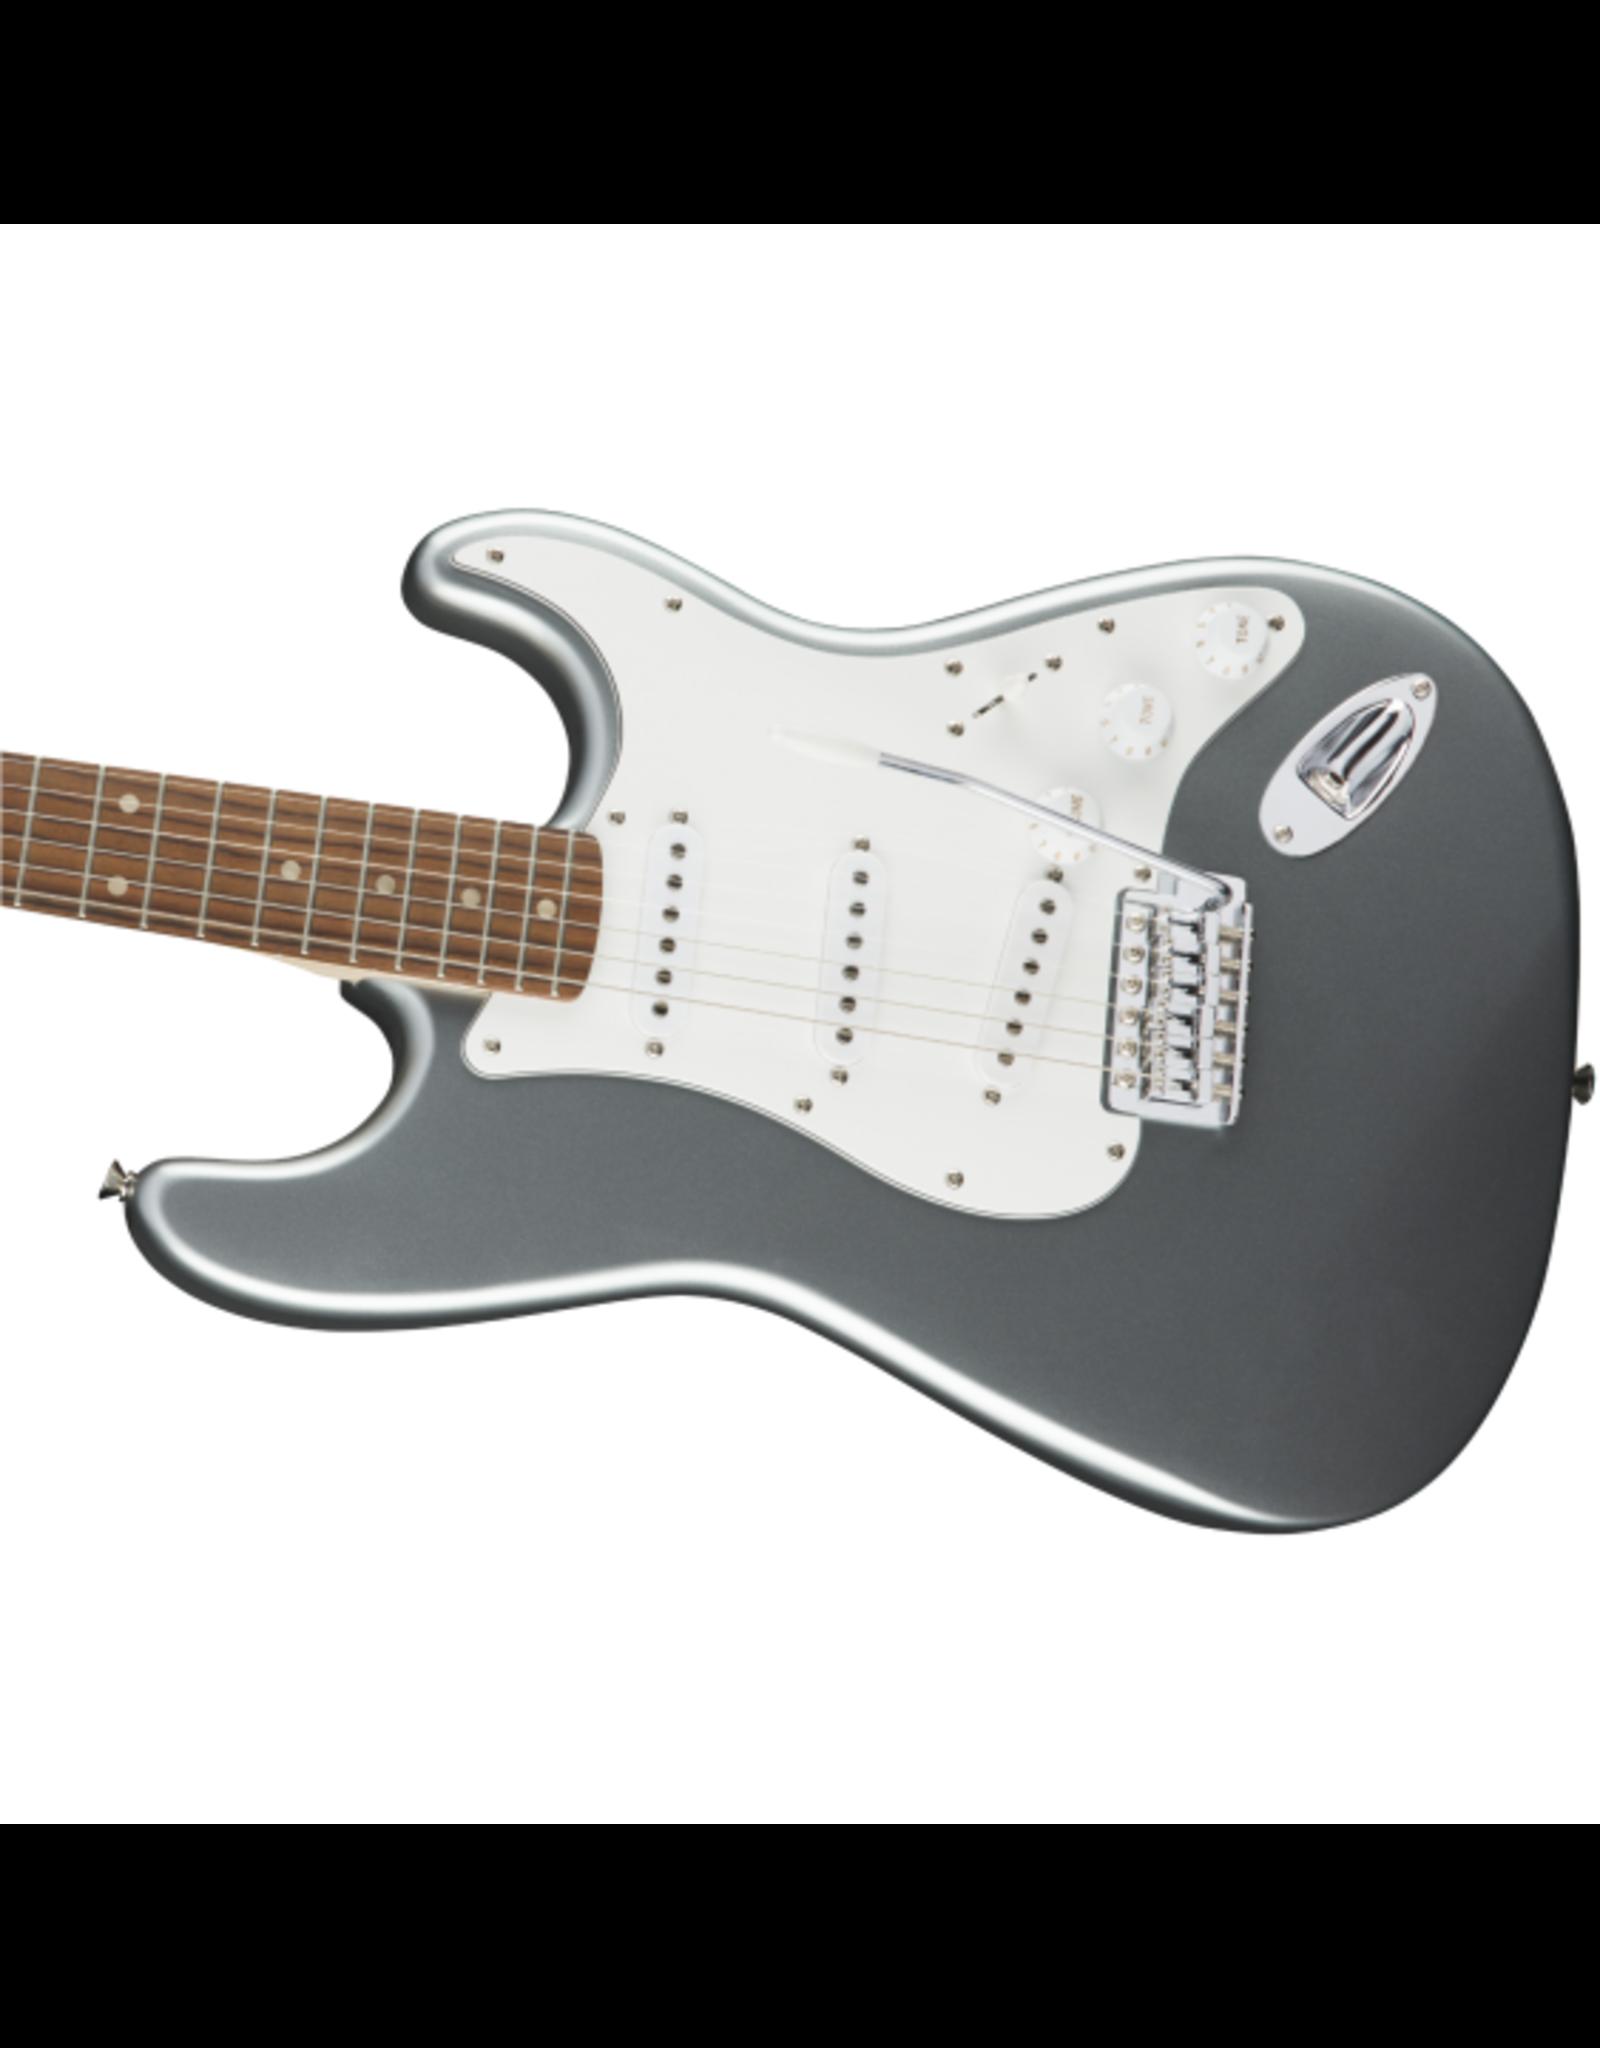 Fender Fender Squier Affinity Series™ Stratocaster®, Laurel Fingerboard, Slick Silver